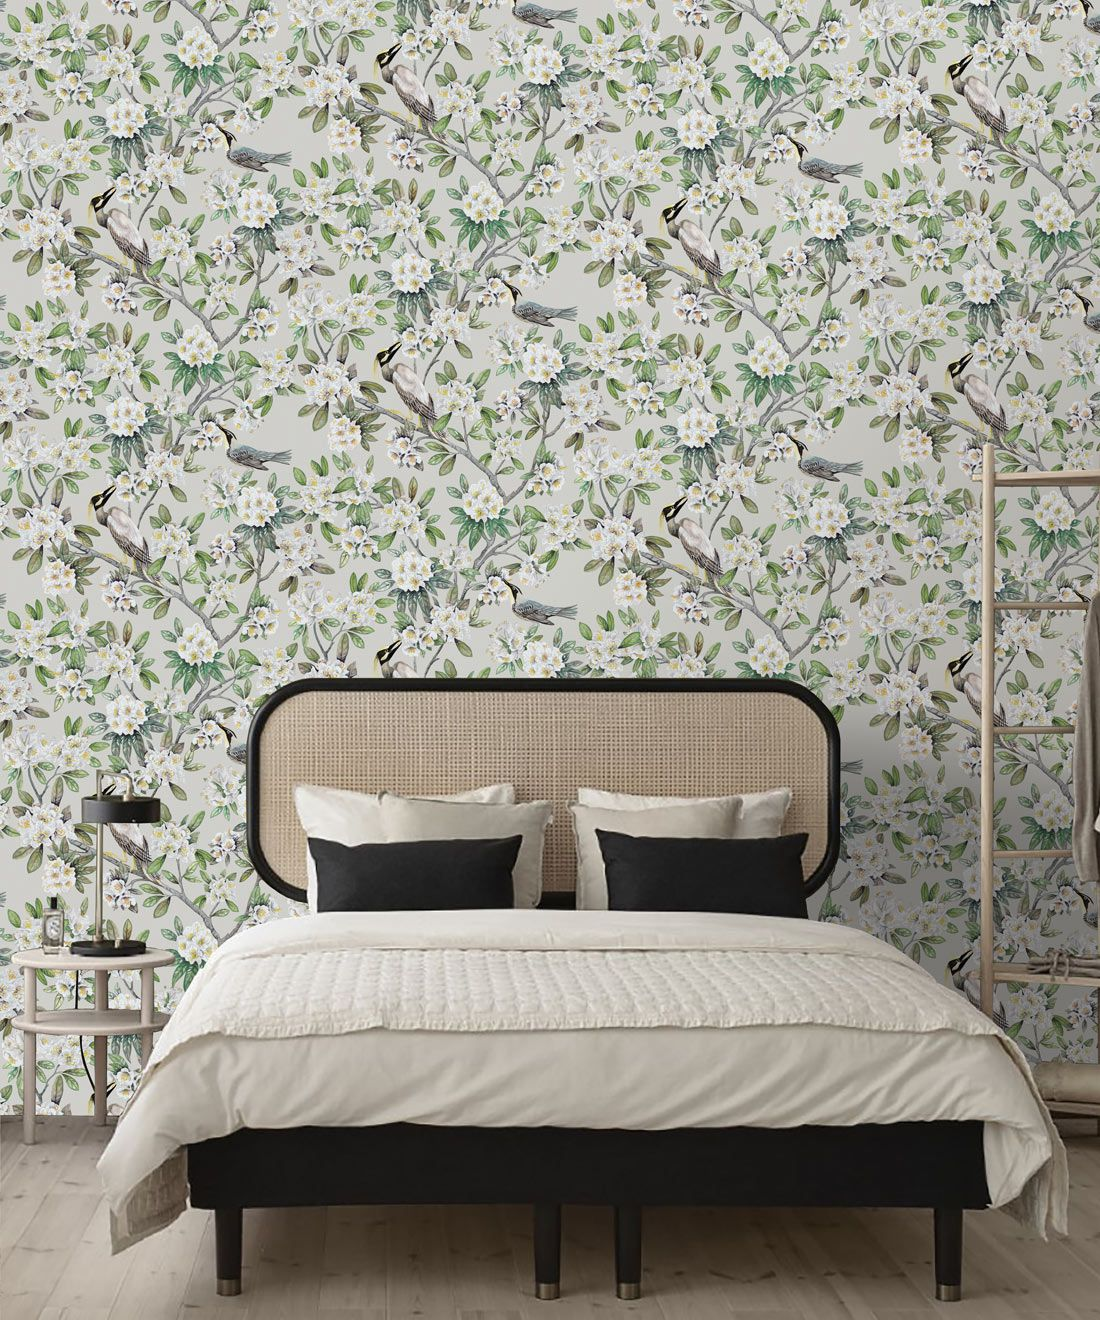 Victoria Wallpaper • Floral Wallpaper • Ivory Wallpaper • Insitu